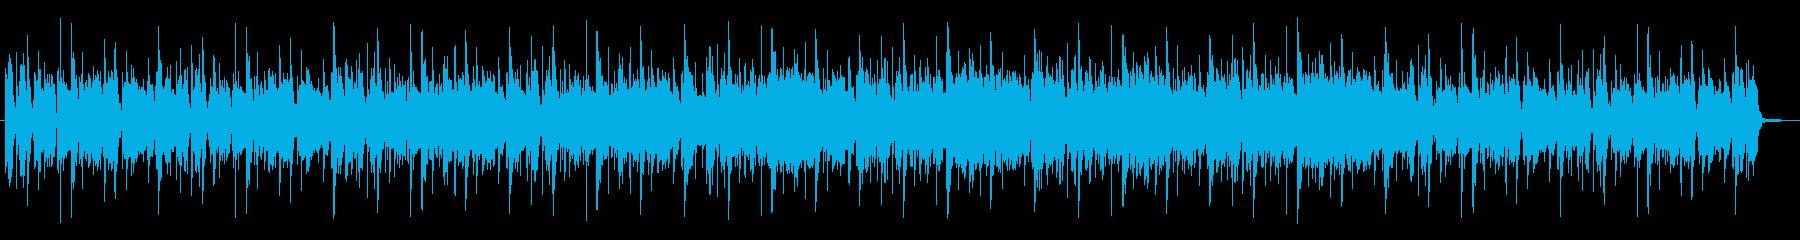 生エレキギターのファンキーチューンの再生済みの波形